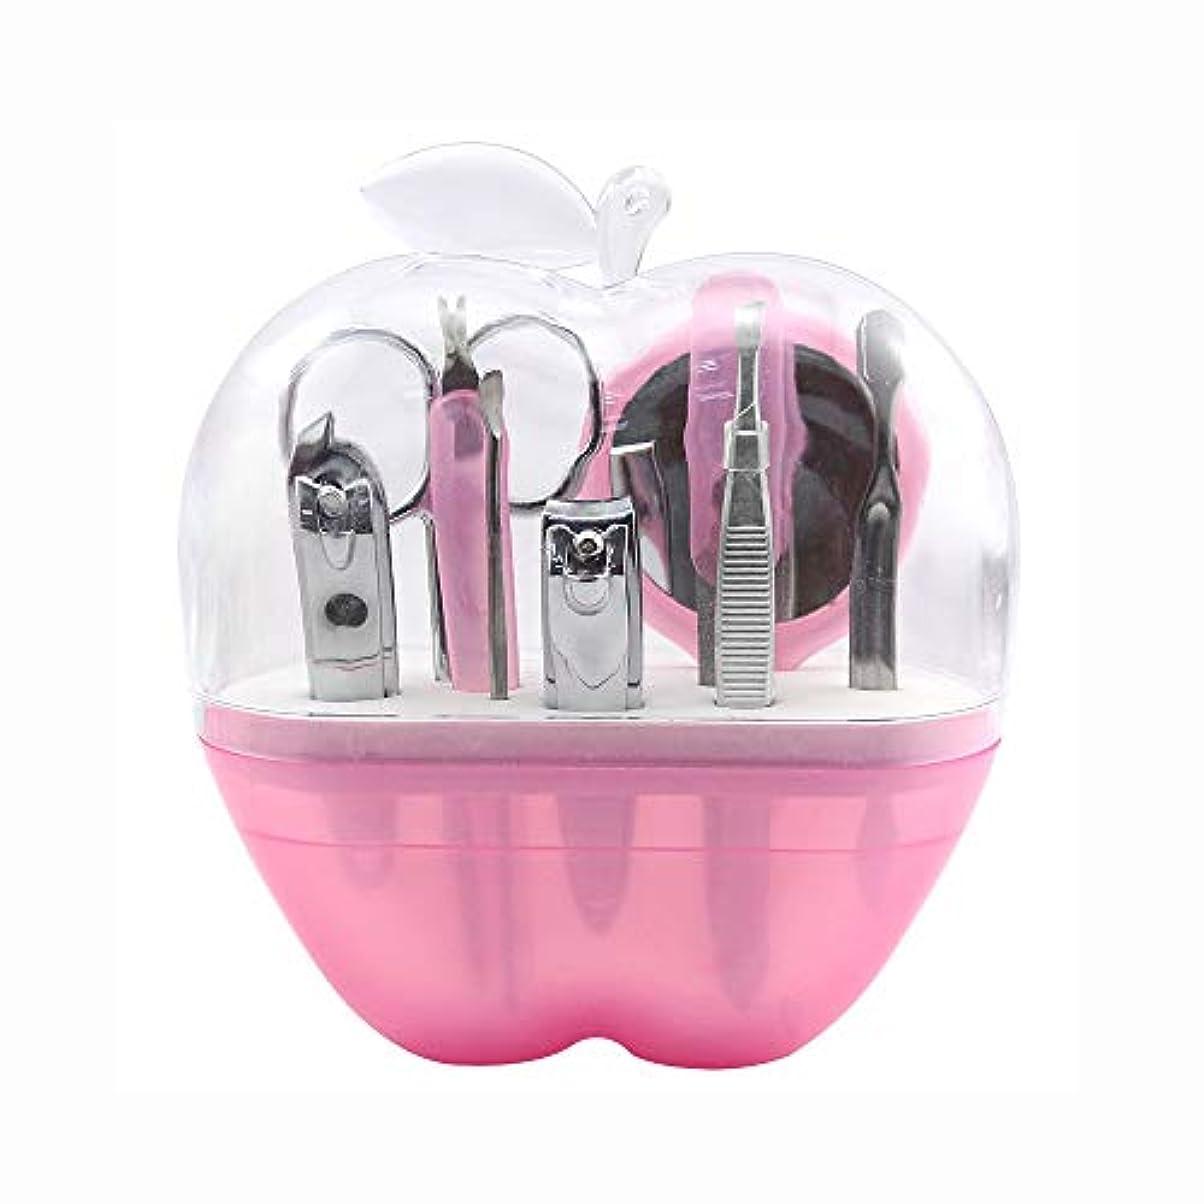 ドライ口述荷物ファッション爪切りセット アップルネイルシザービューティーセット、ピンク、9点セット